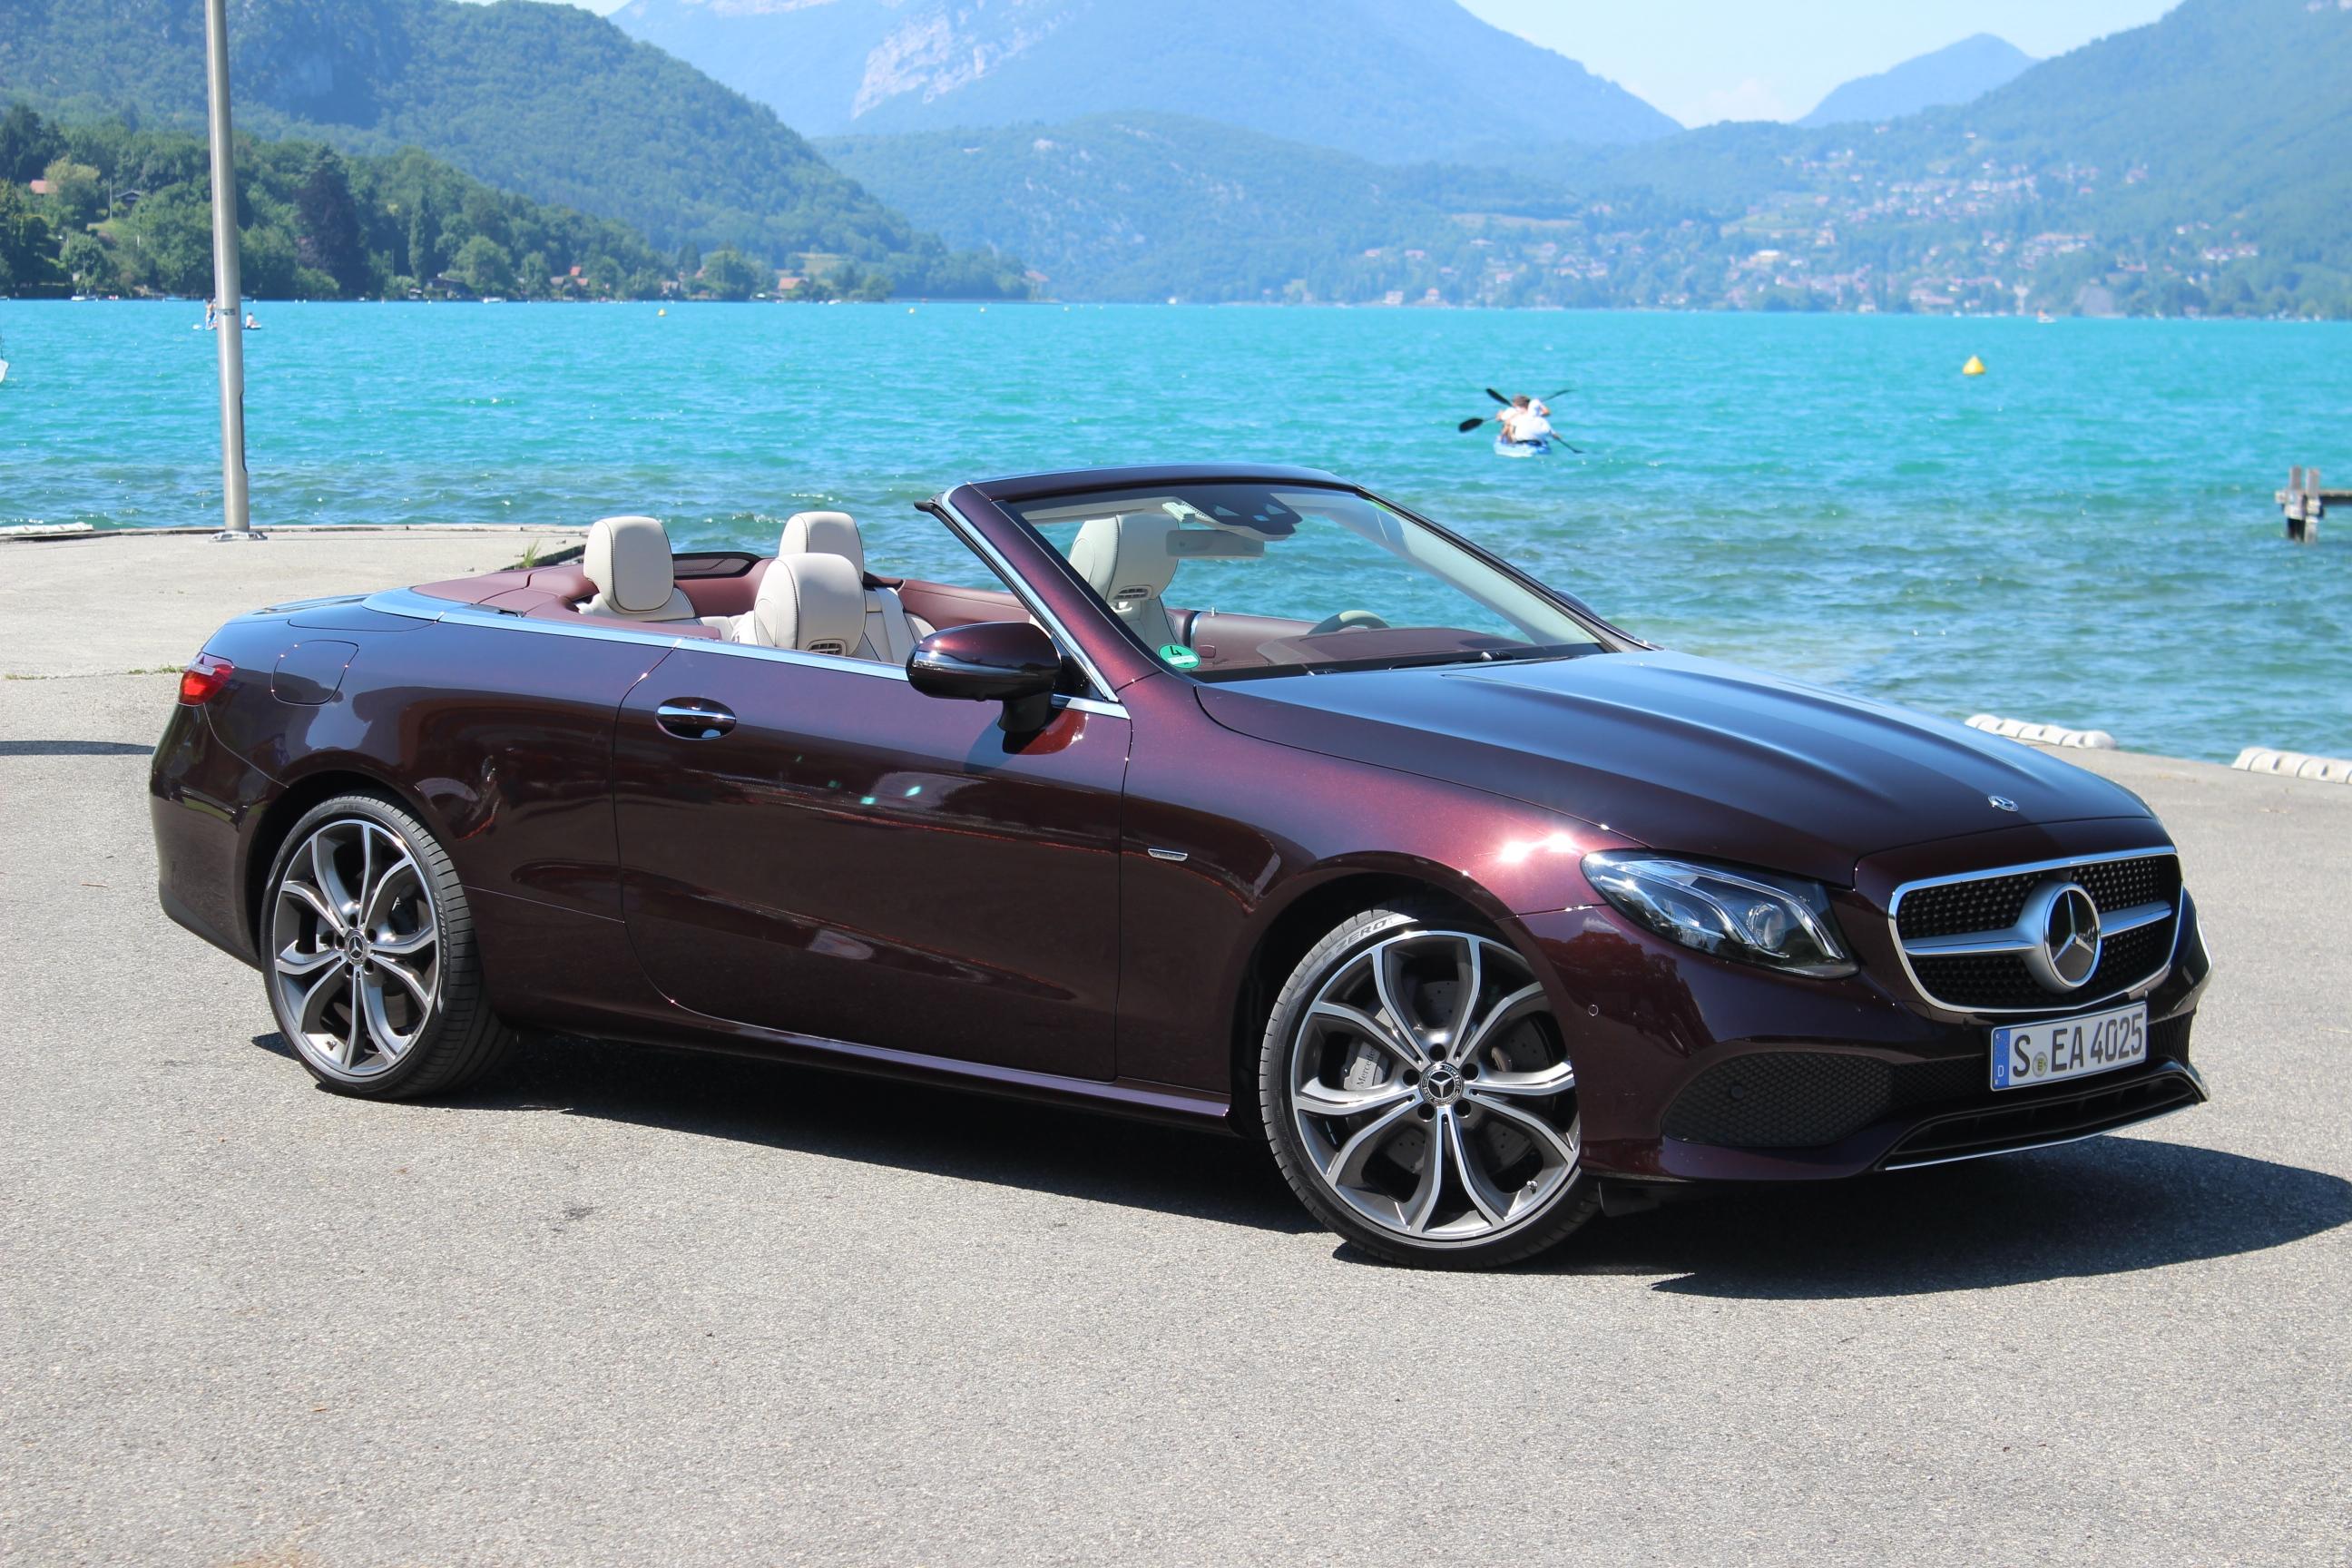 cabriolet a moins de 15000 euros